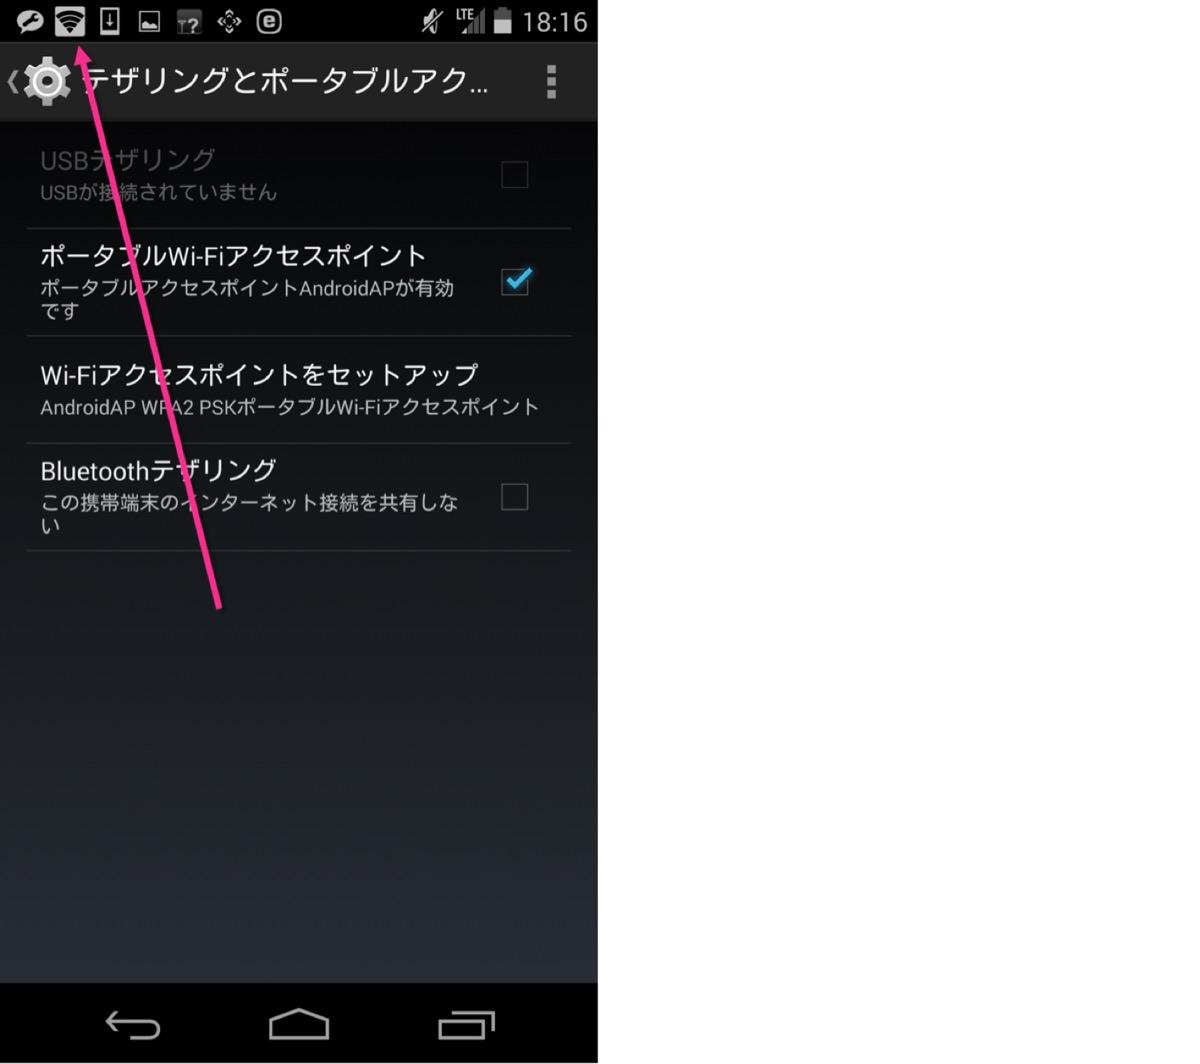 Nexus 5+IIJmioでテザリングする方法